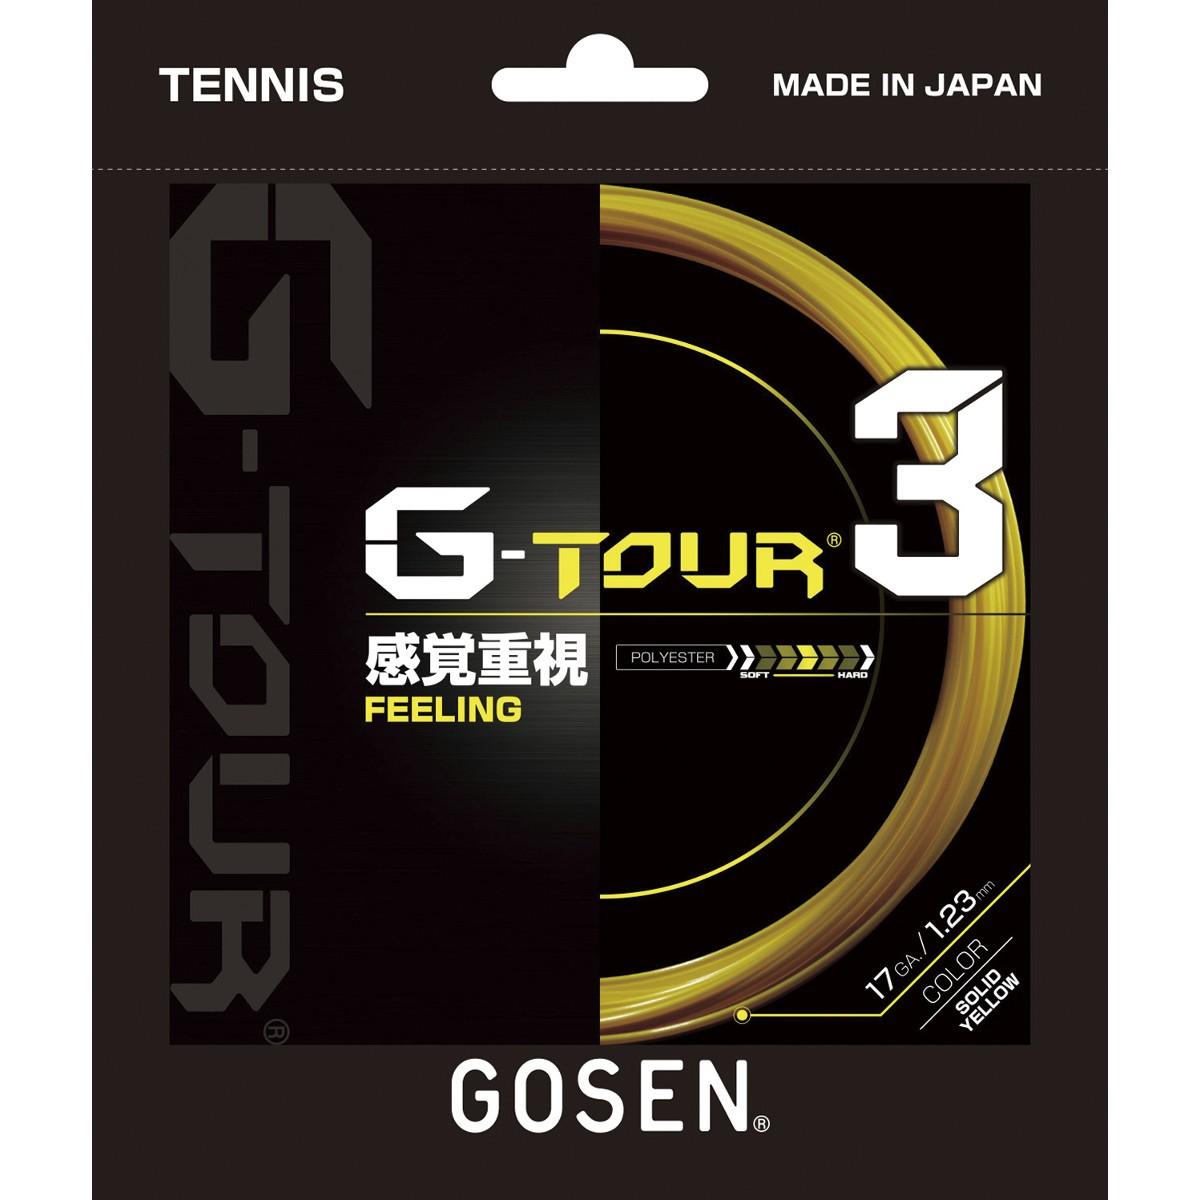 ポイントアップ 張上げ専用 ゴーセン G-TOUR 超定番 3 GOSEN 大幅にプライスダウン 1.23mm